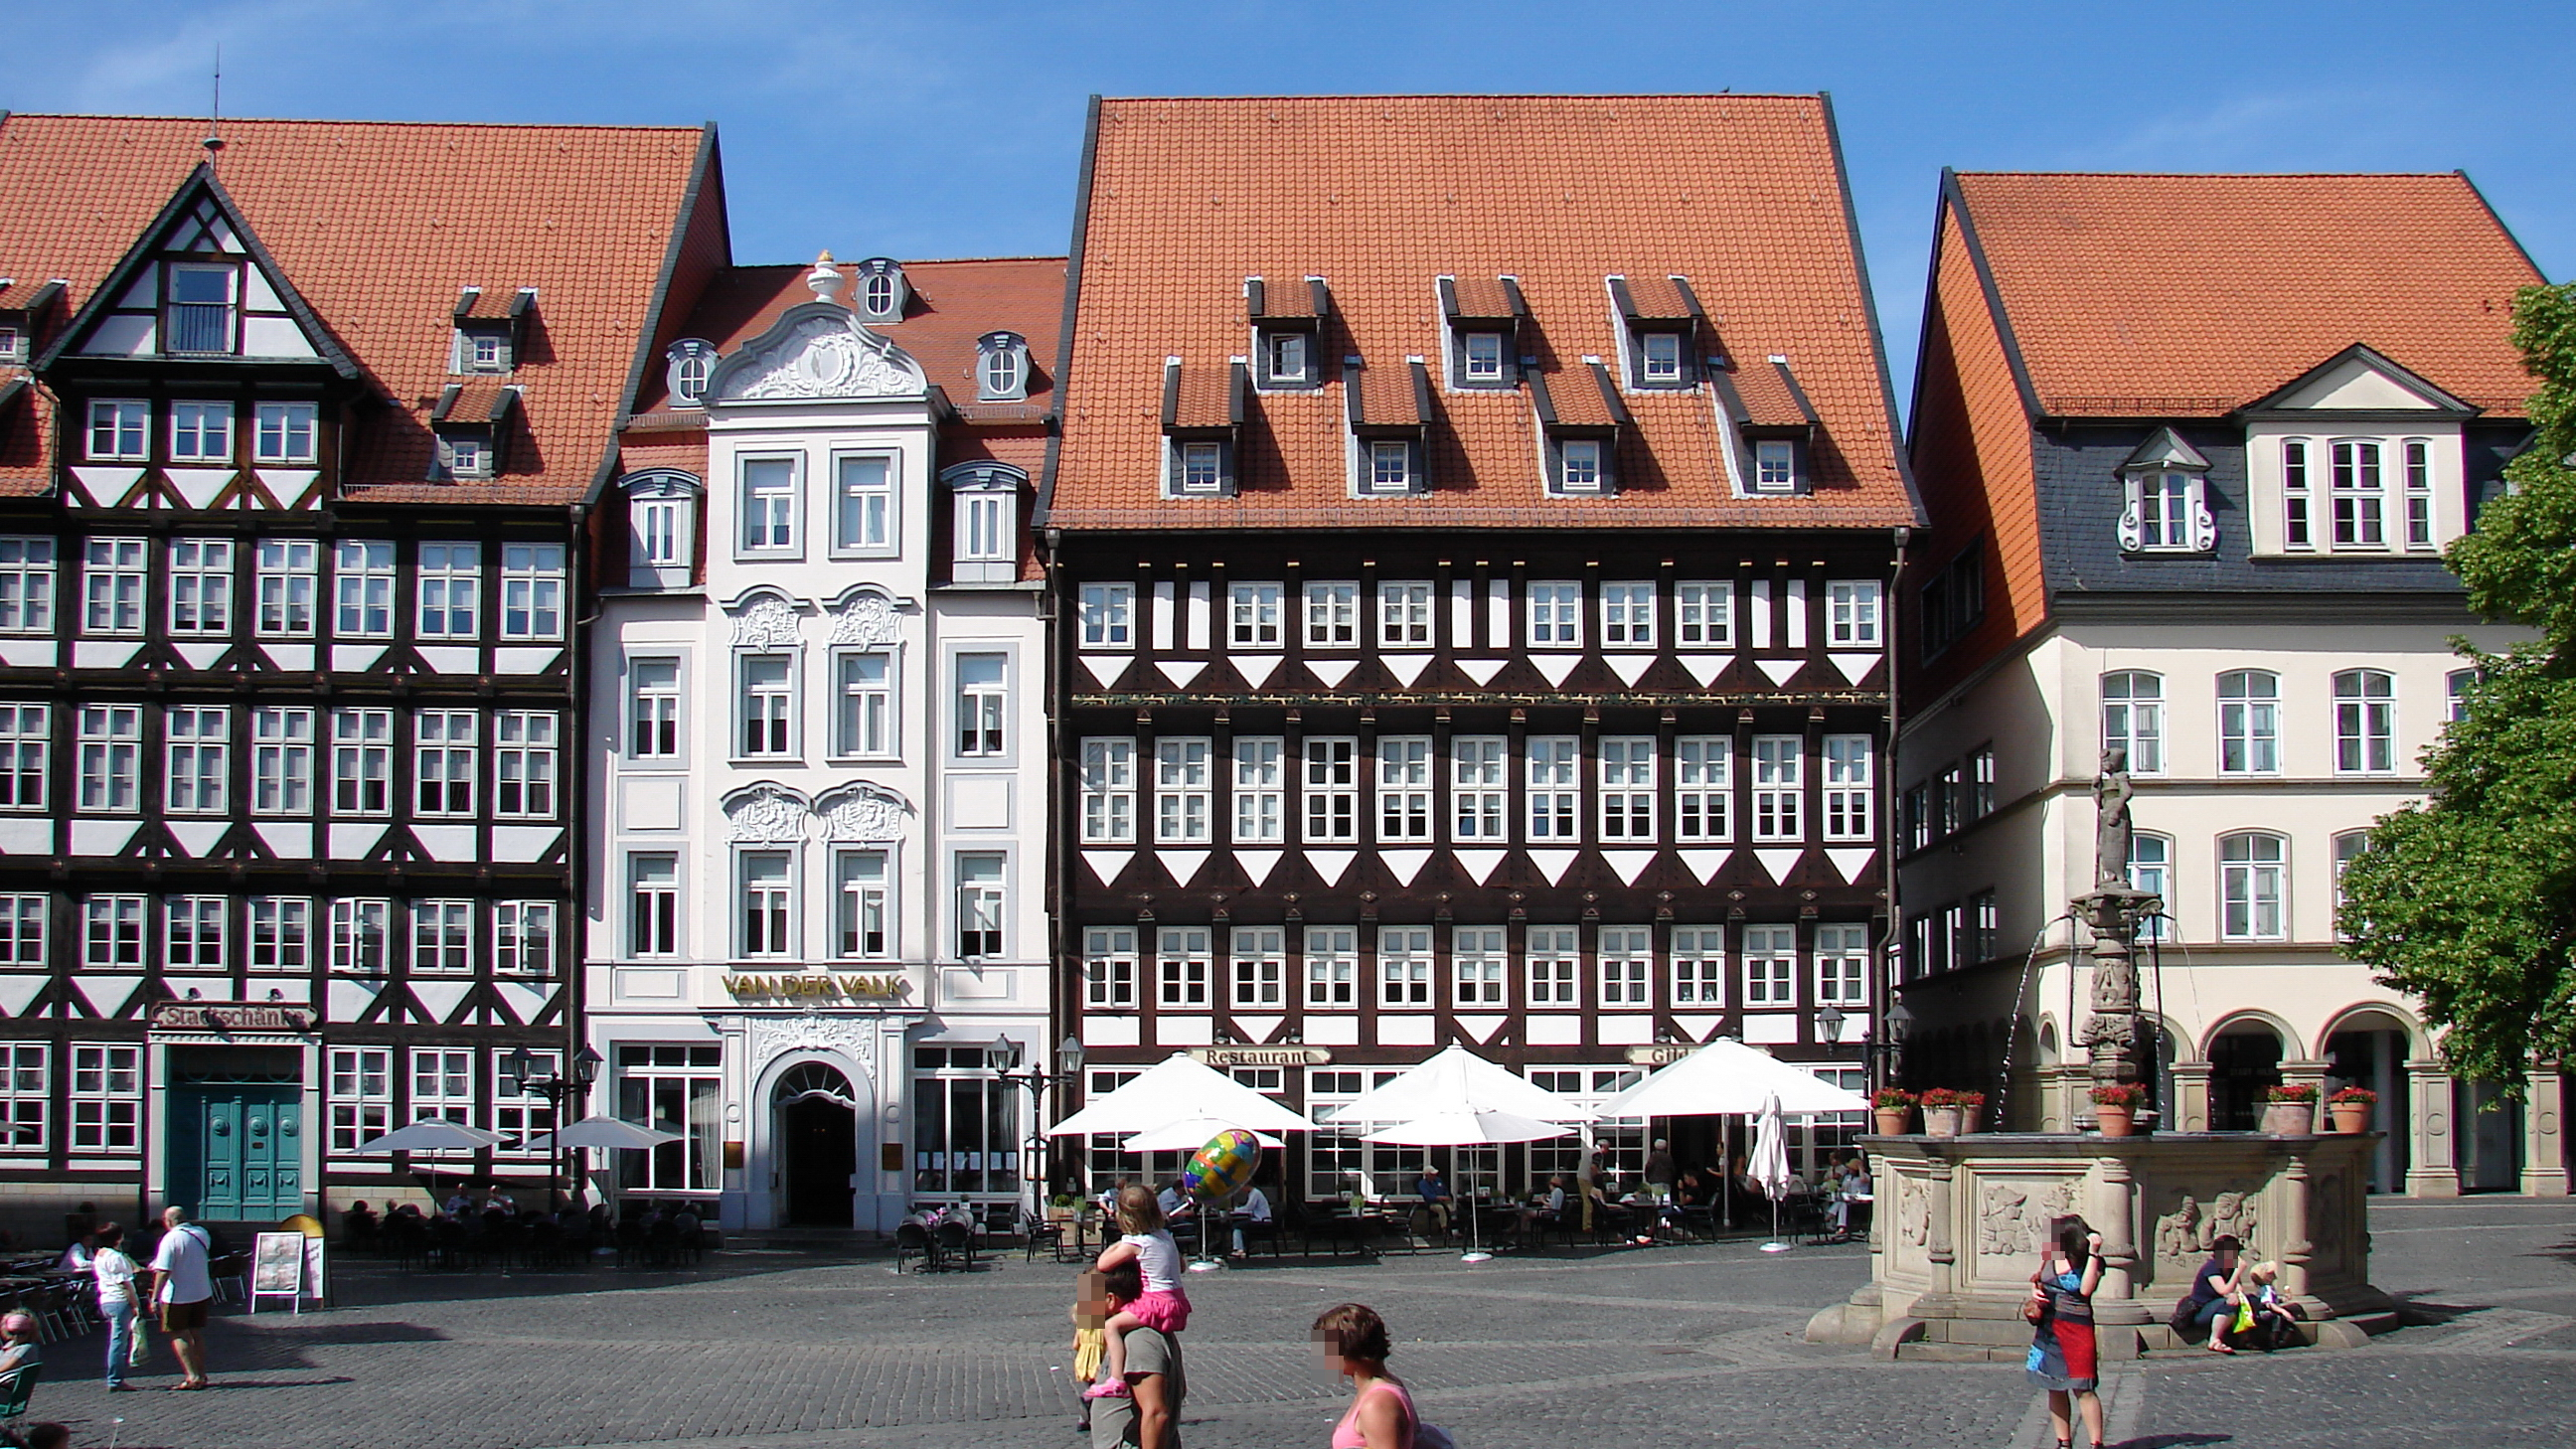 Markt.De Hildesheim